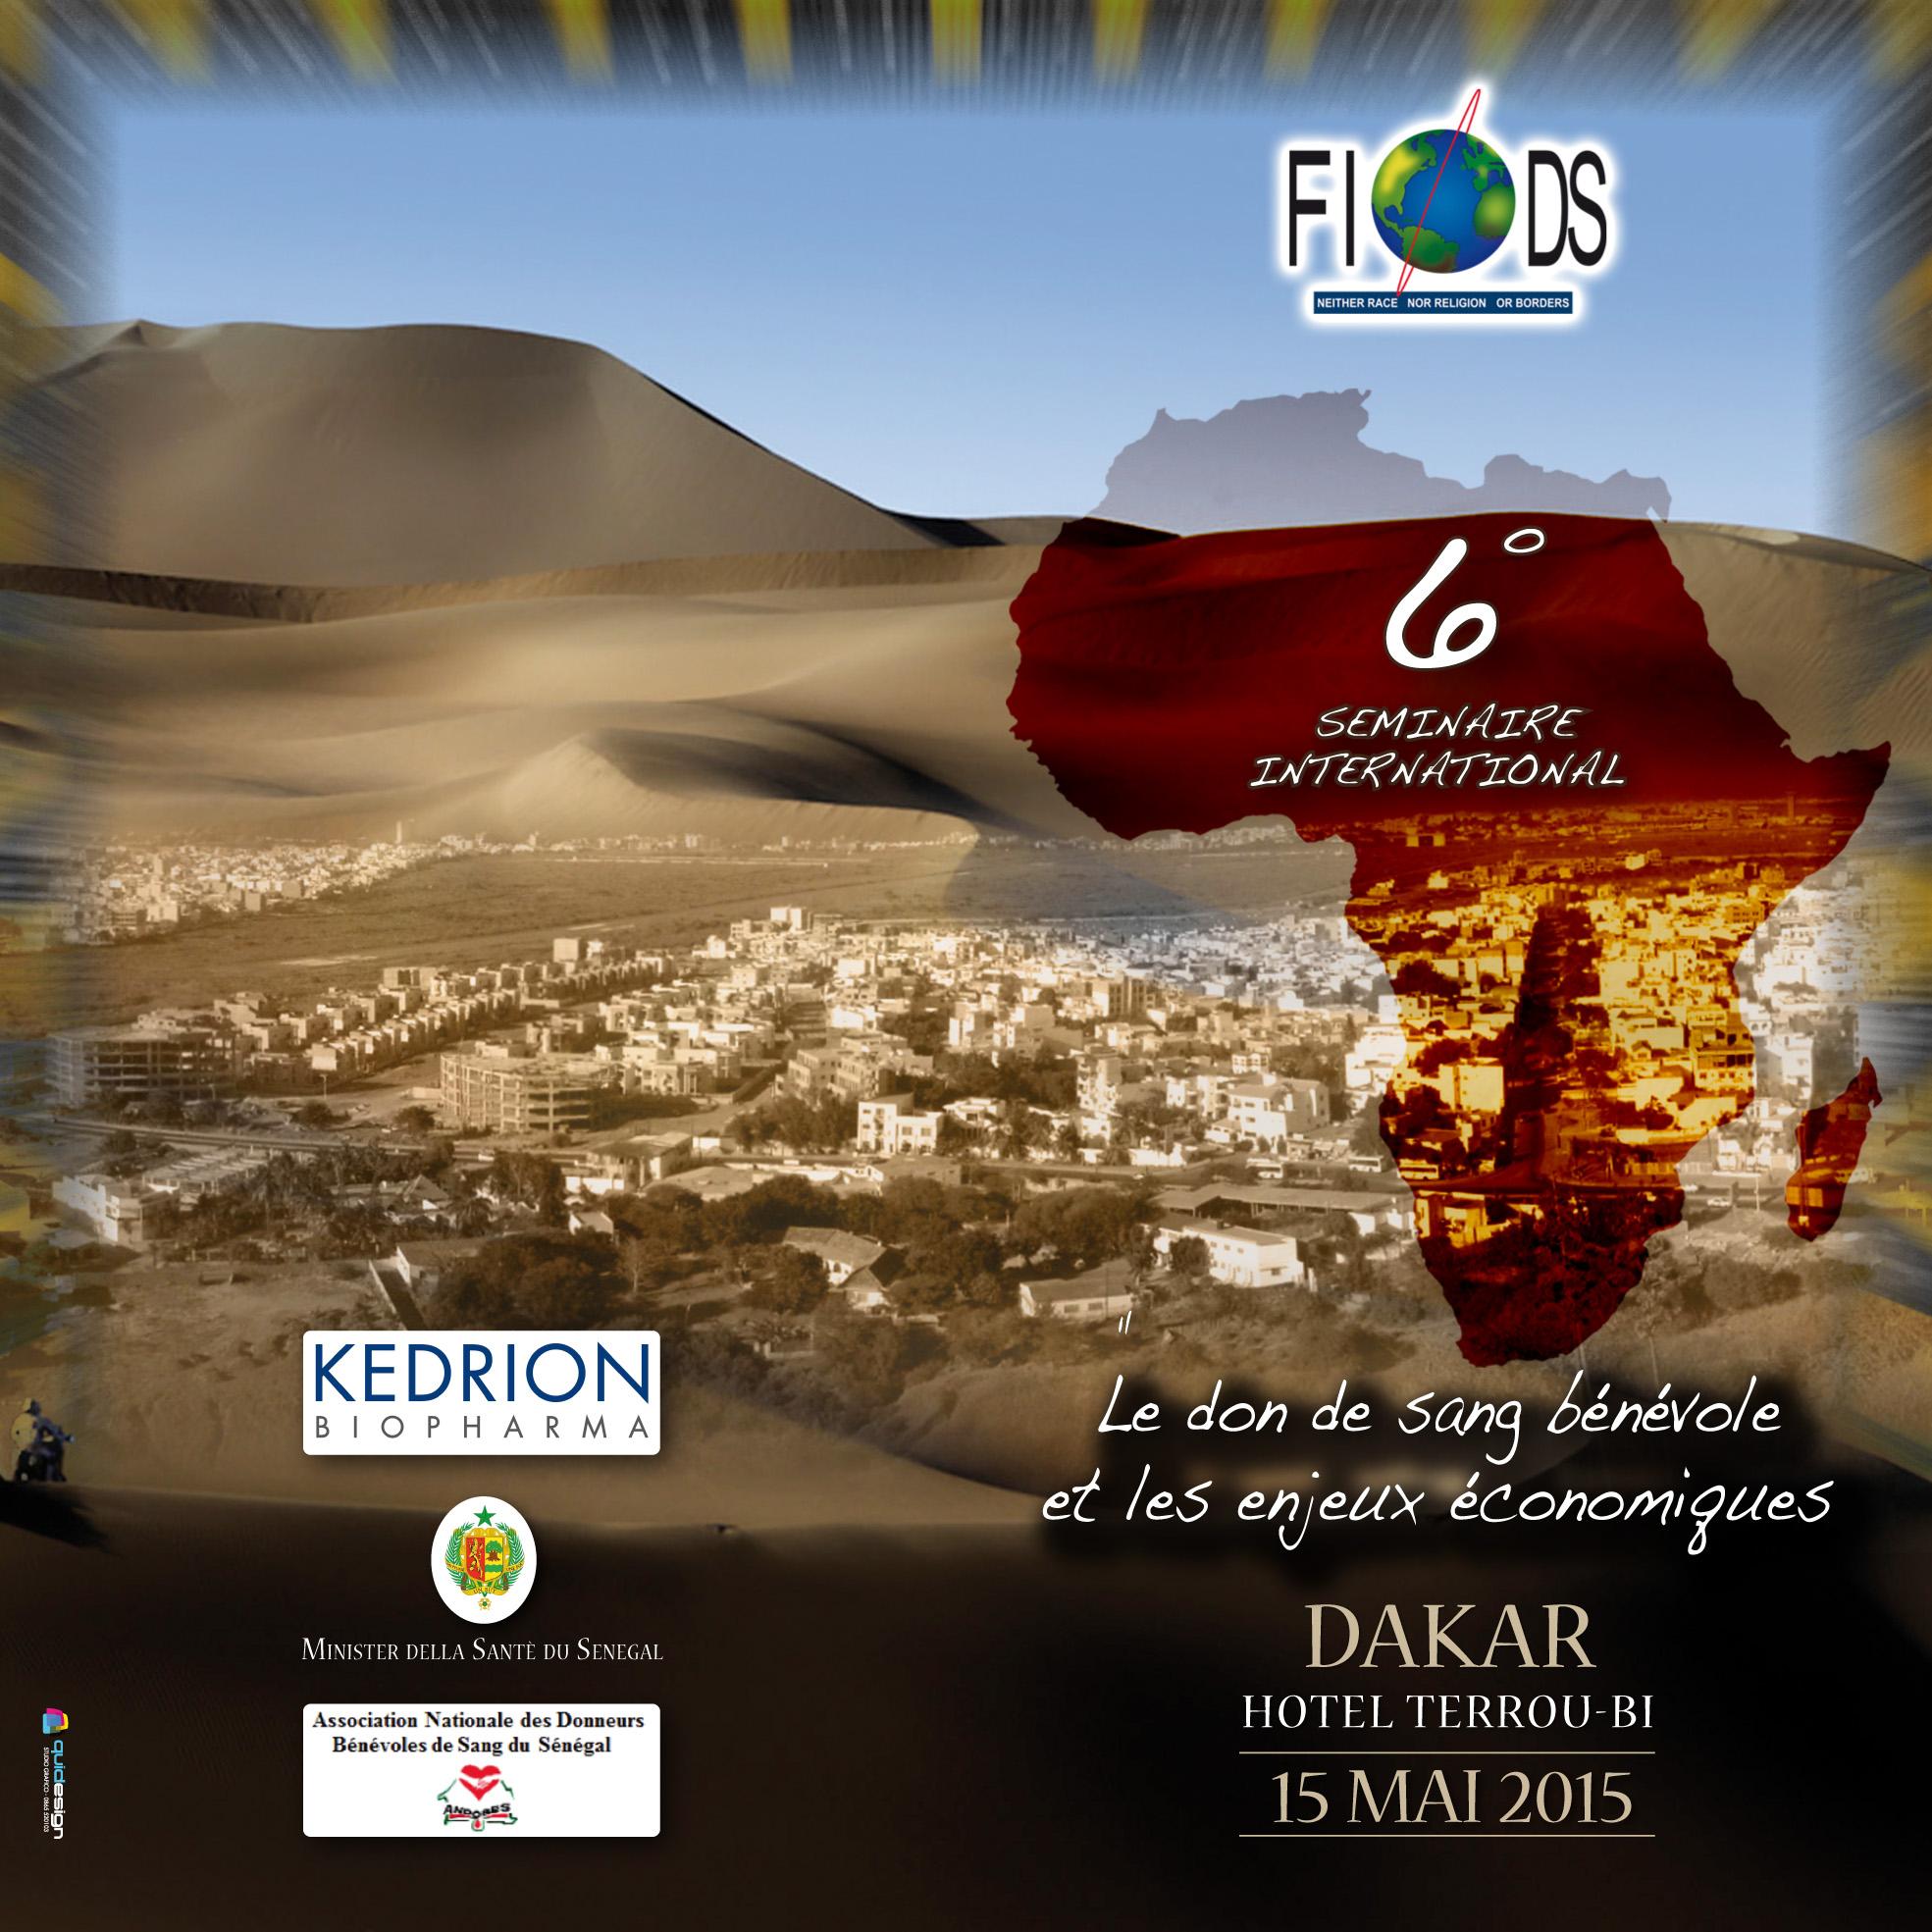 Dakar_1